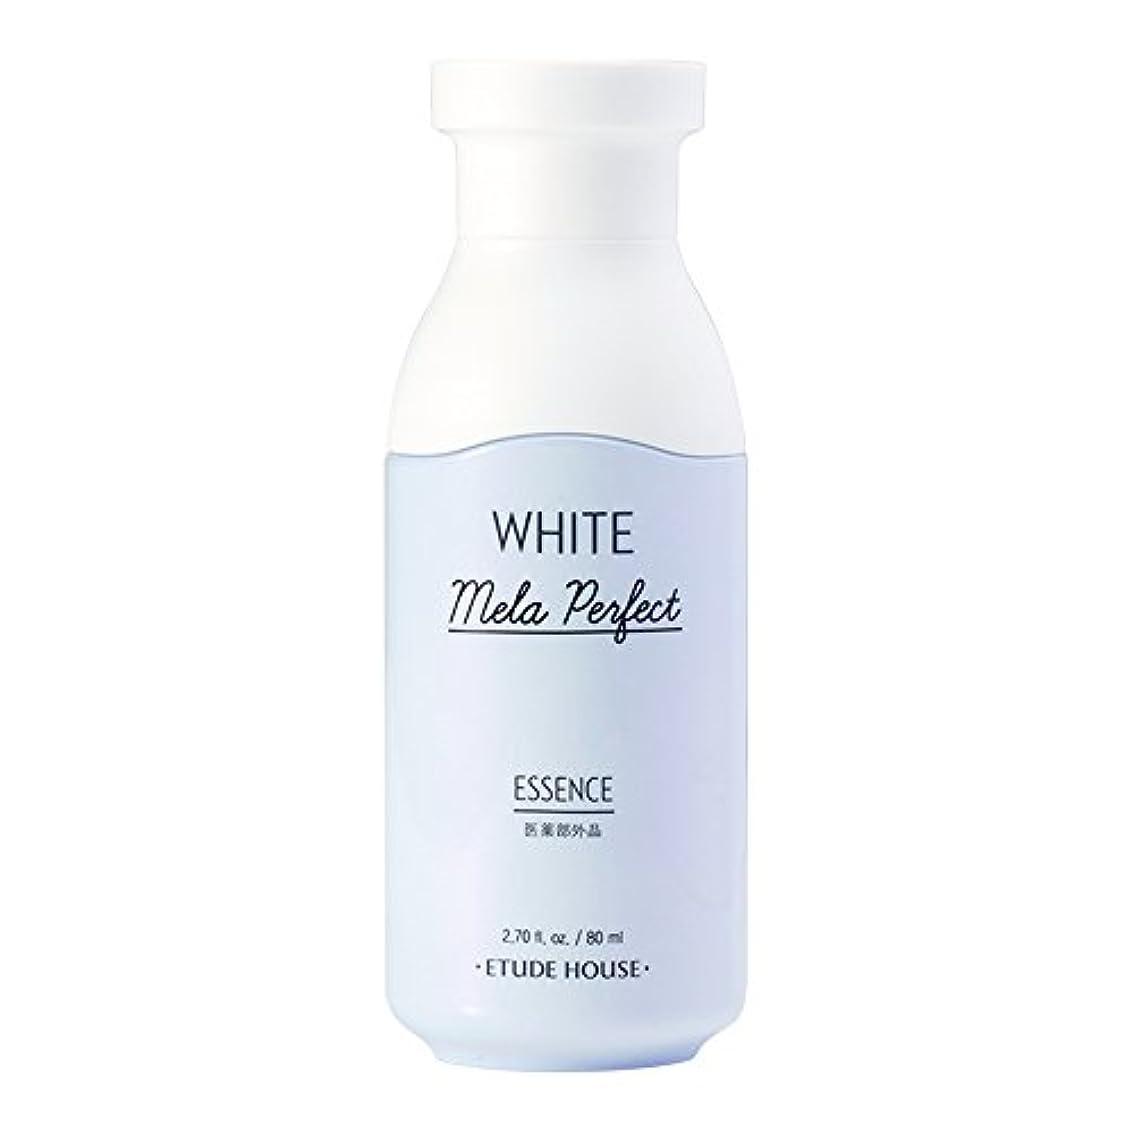 懸念季節ガチョウエチュードハウス(ETUDE HOUSE) ホワイトメラパーフェクト エッセンス [美容液、美白エッセンス]